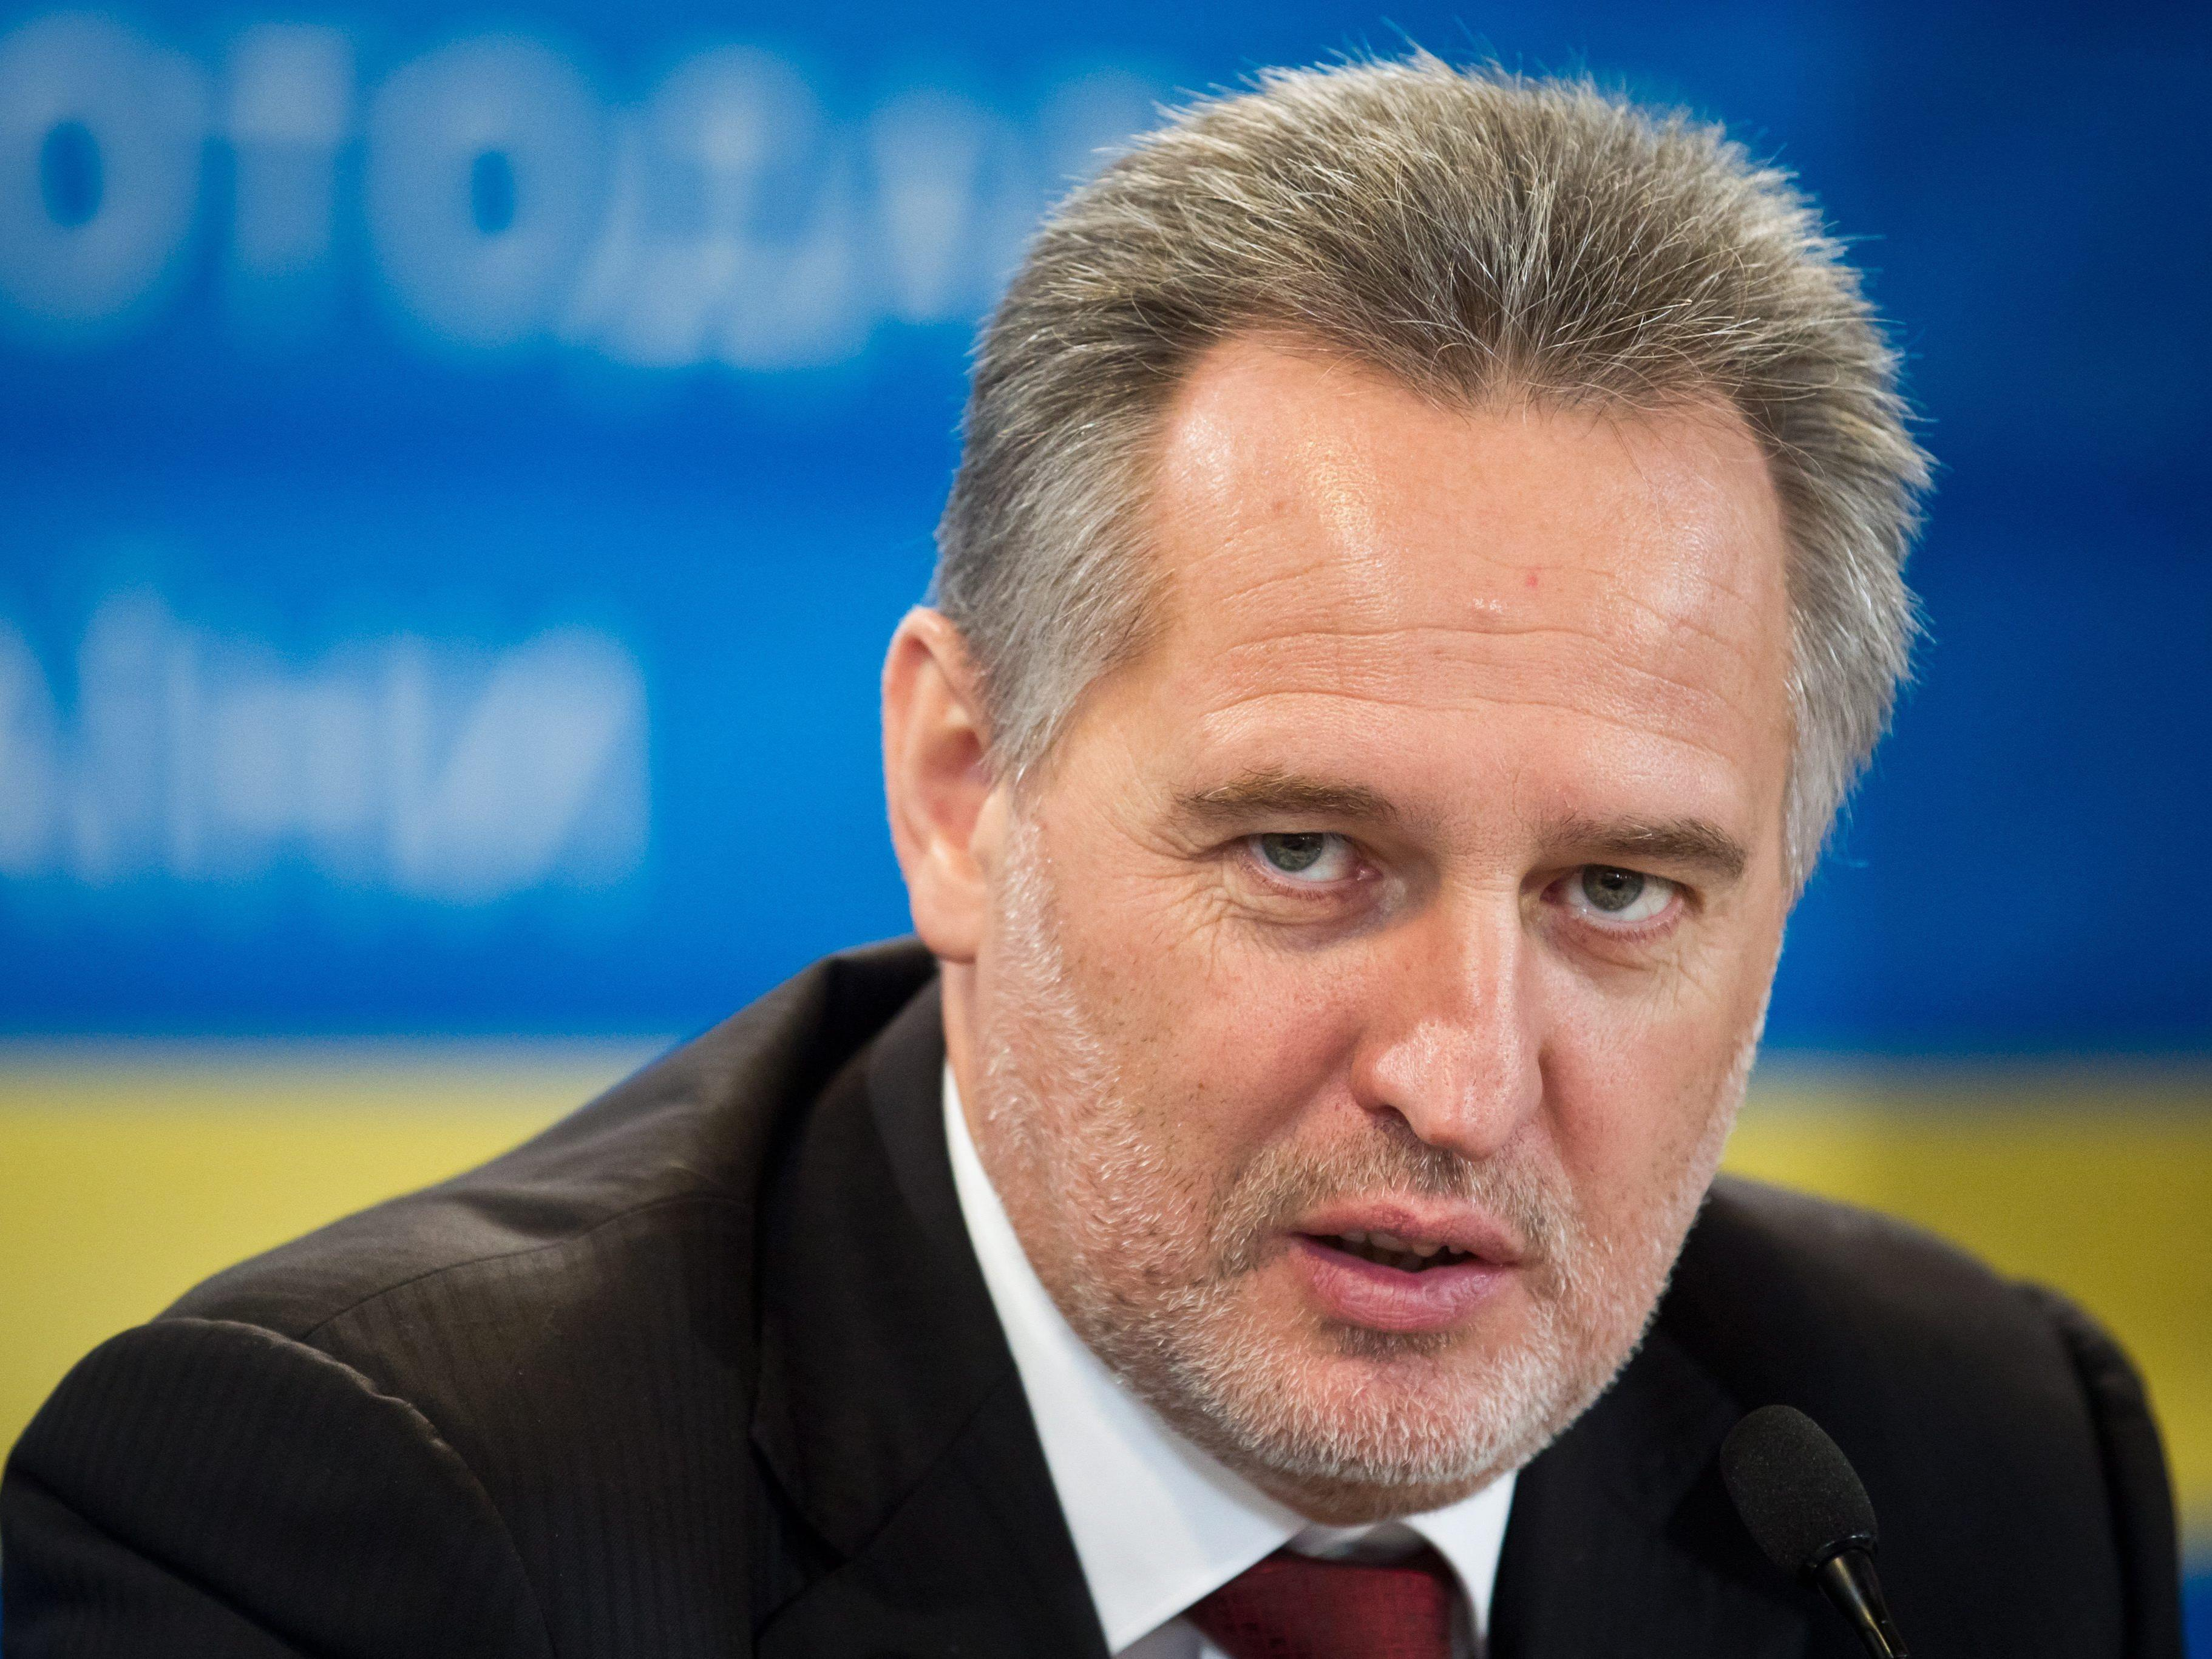 Der ukrainische Oligarch Firtasch fürchtet sich angeblich vor Mordkomplott.